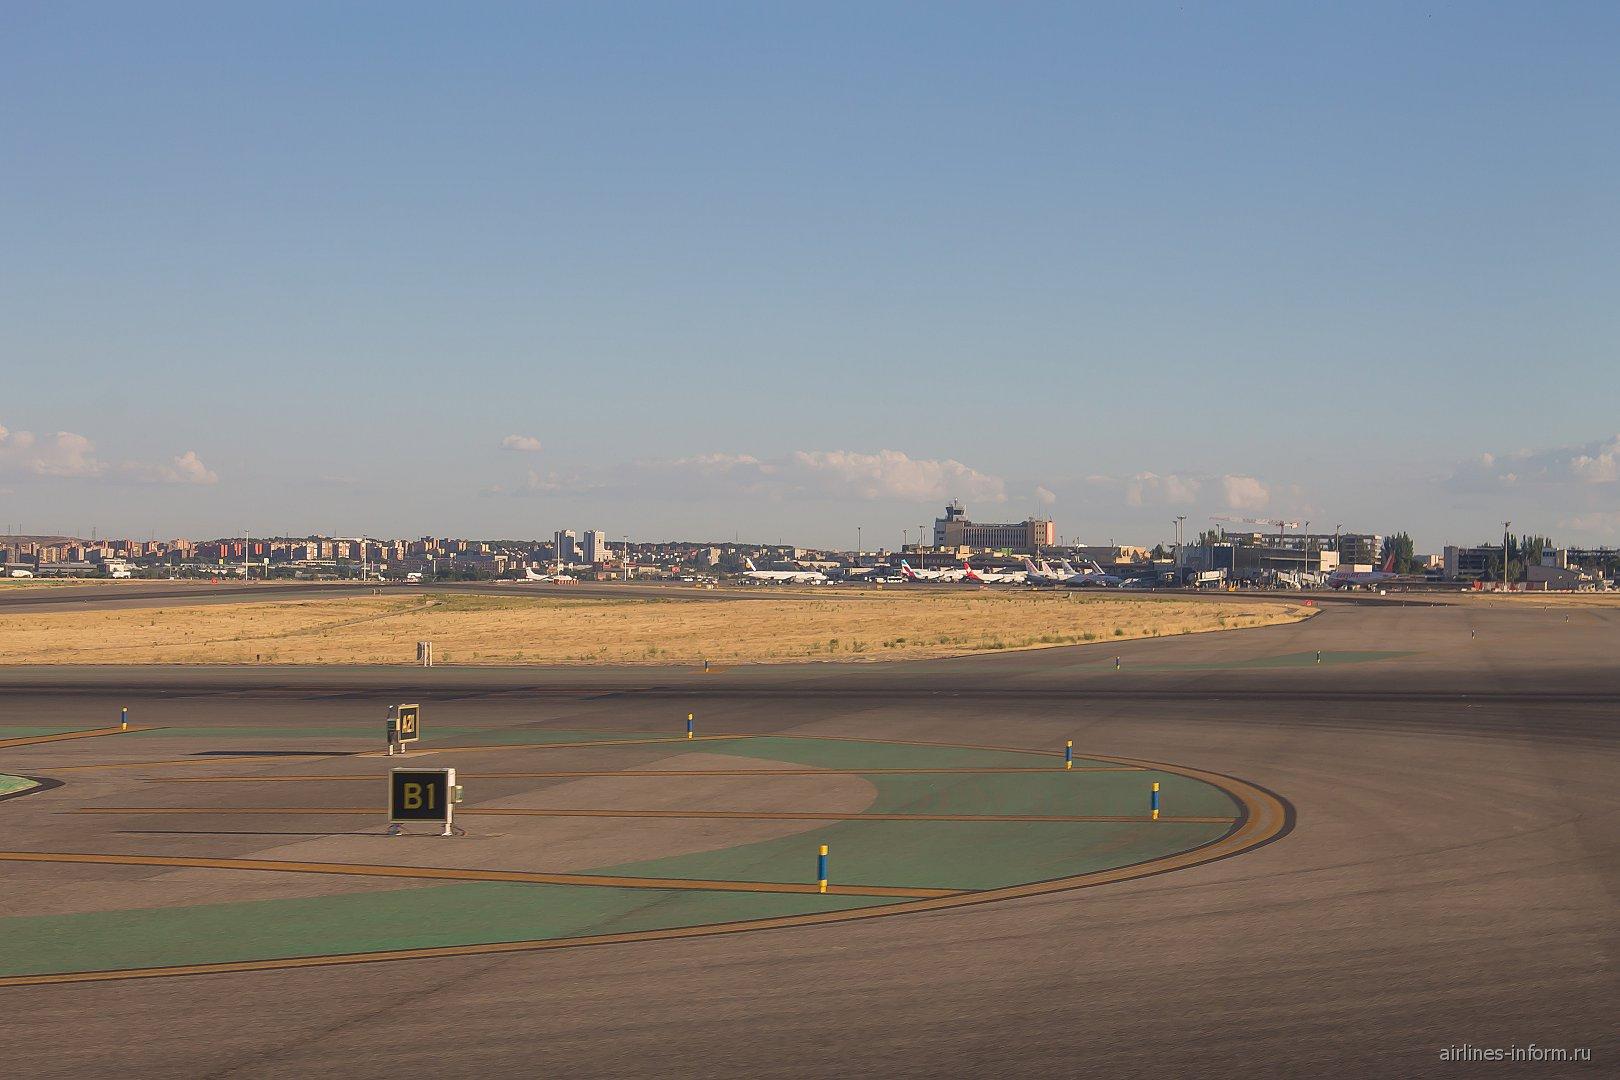 Южные терминалы аэропорта Мадрид Барахас